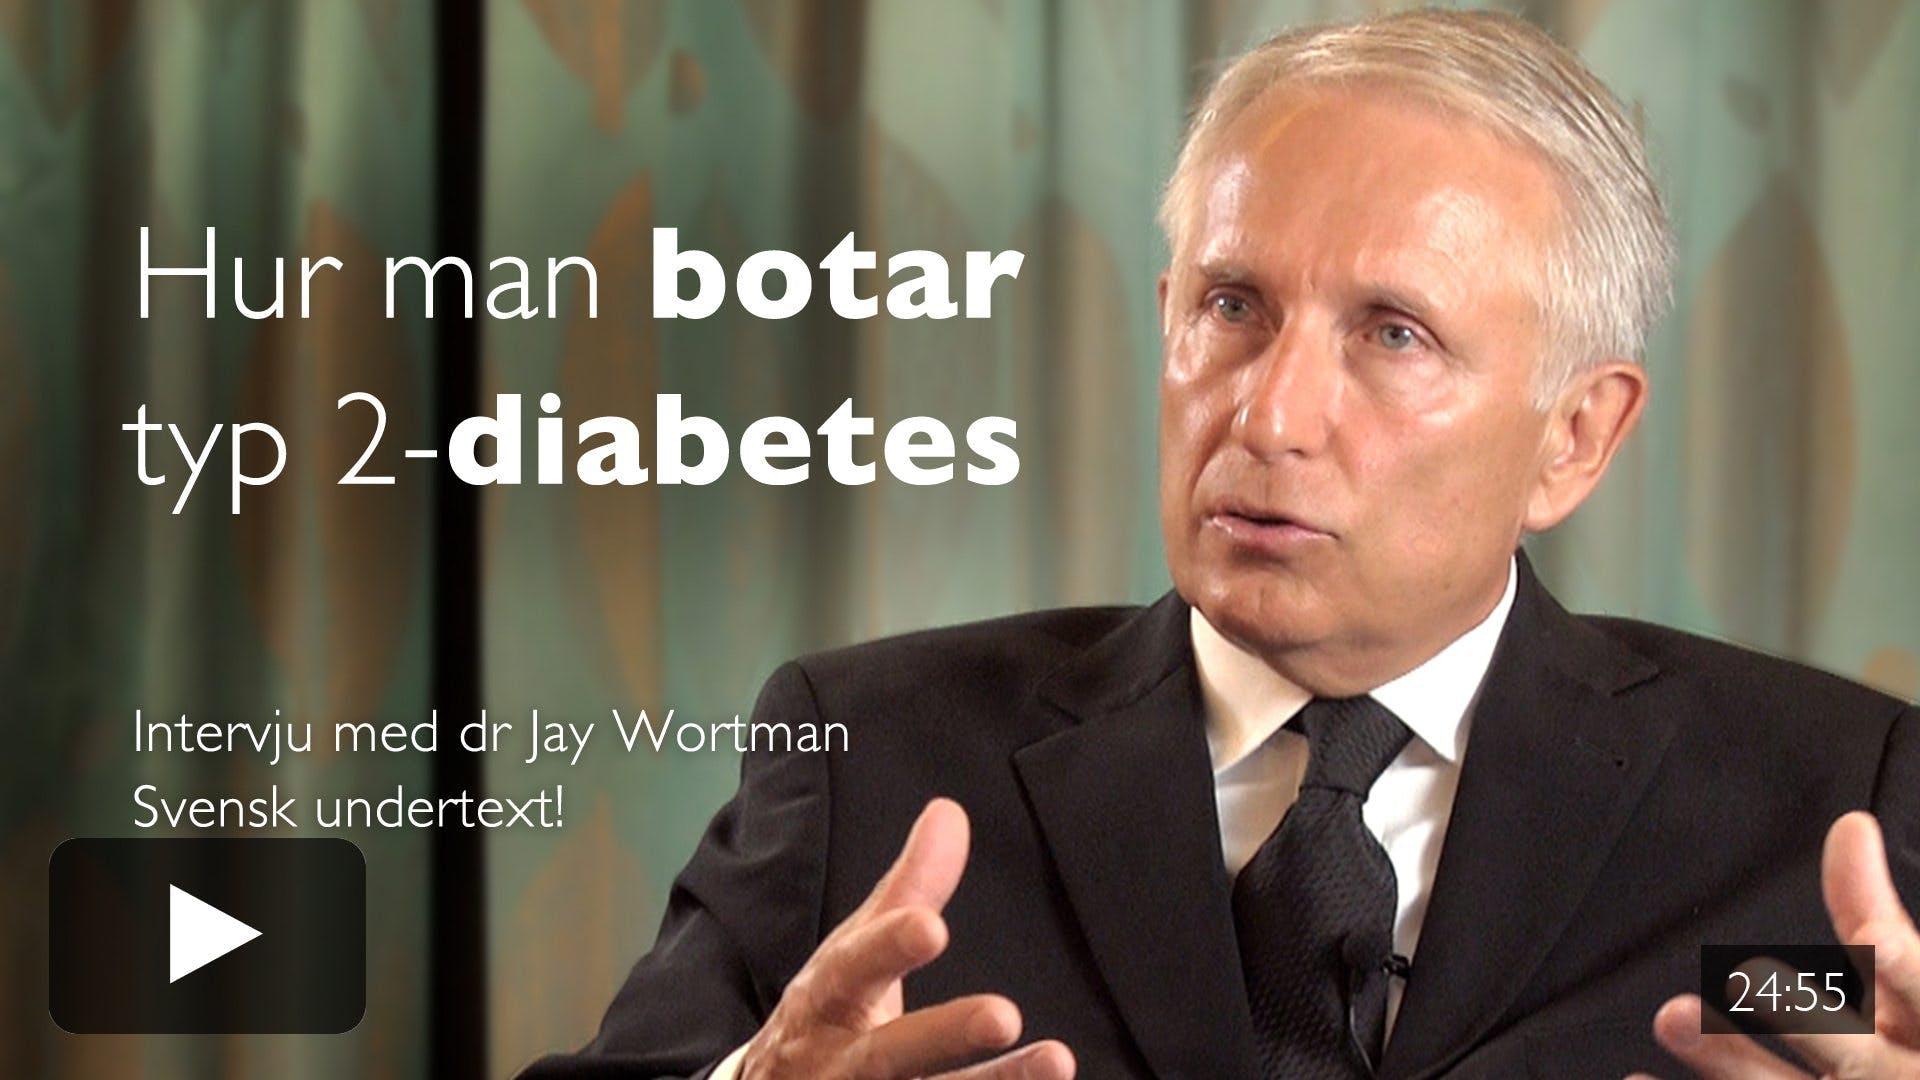 Hur man botar typ 2-diabetes